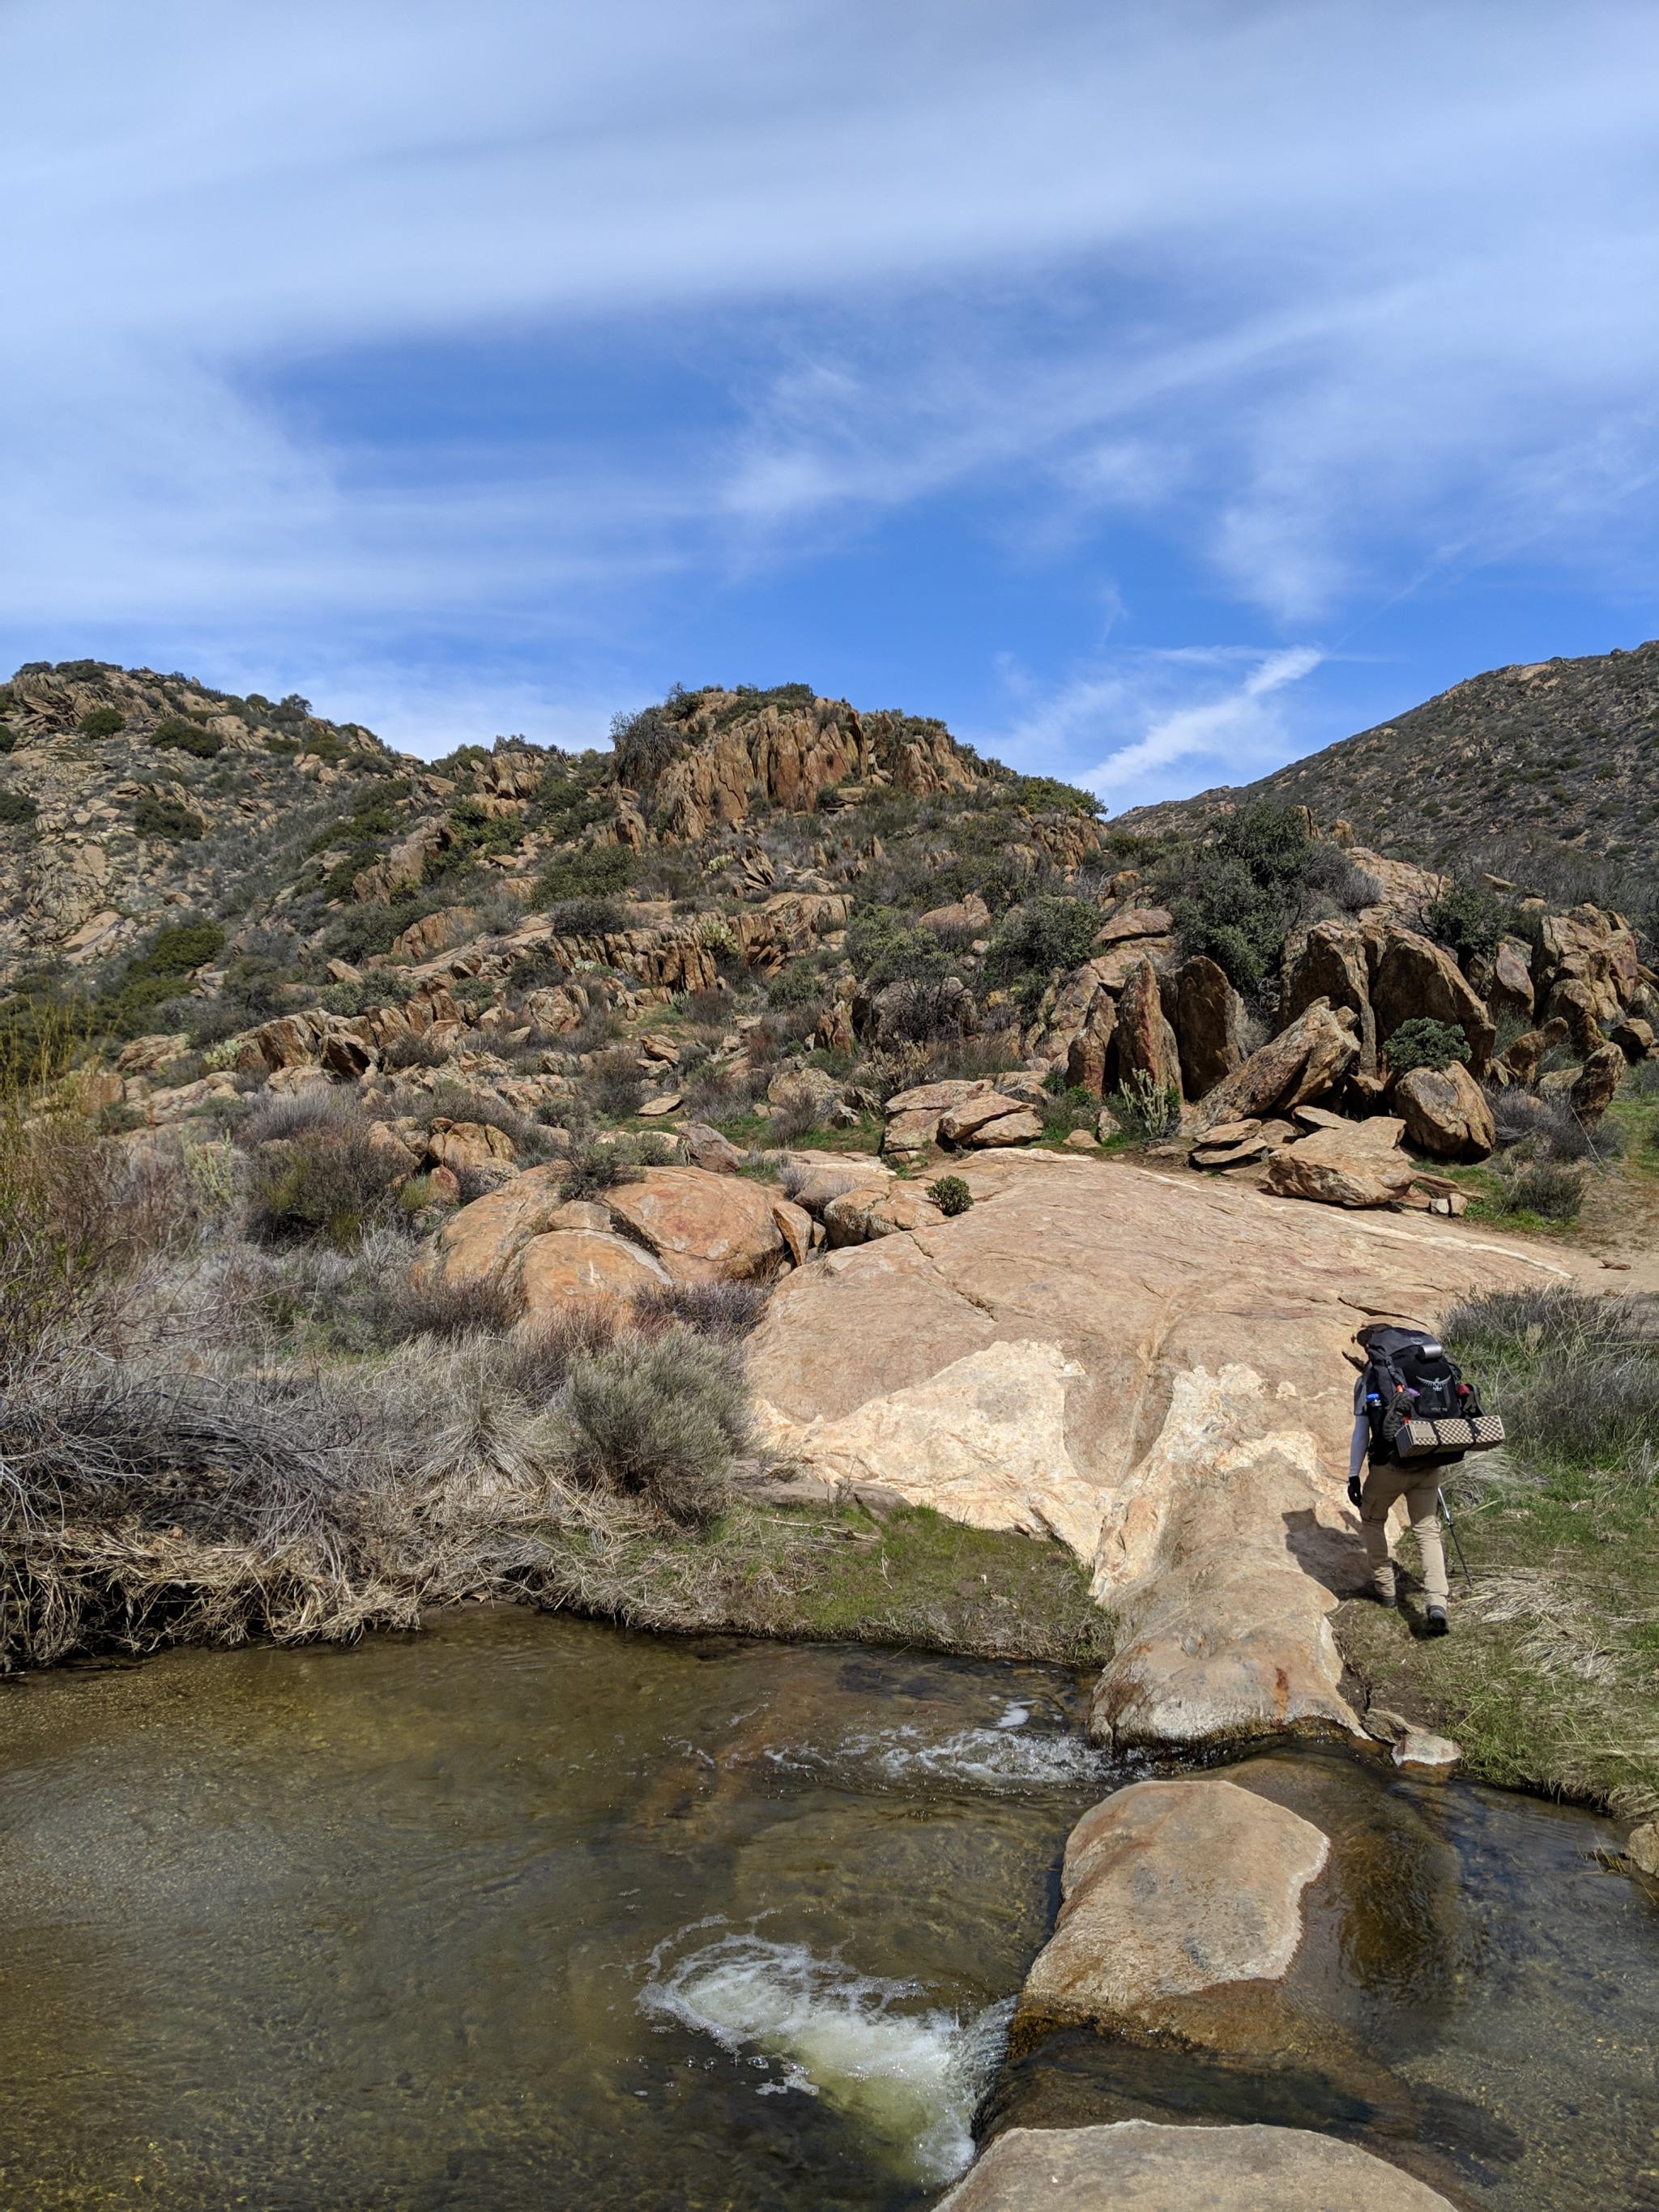 Une des sources d'eau • One of the water source